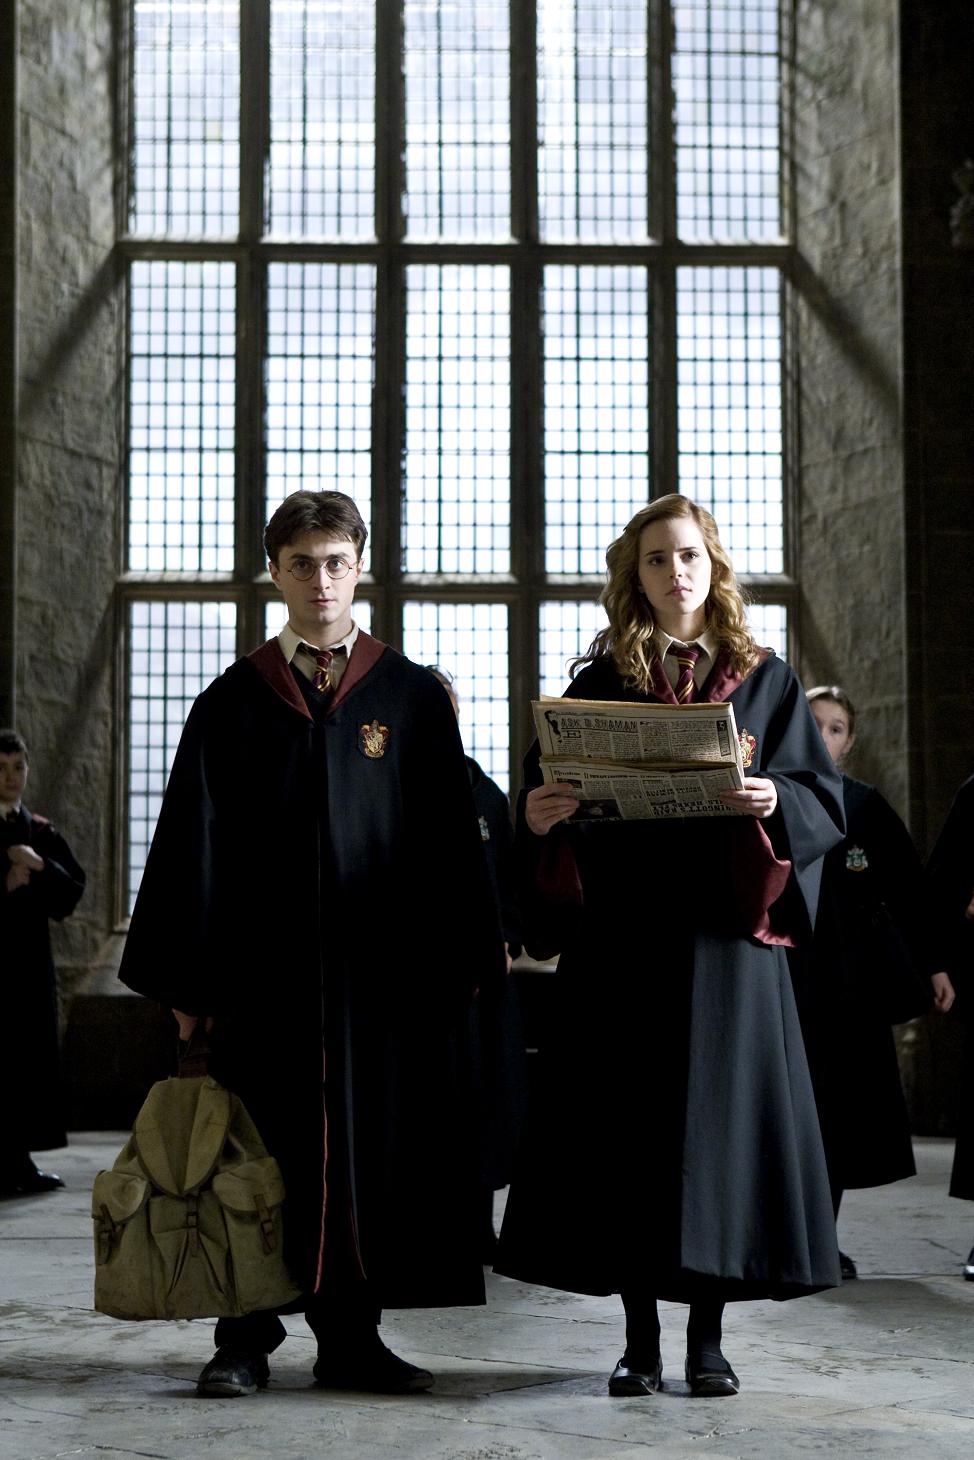 Harry Potter Film on Twitter